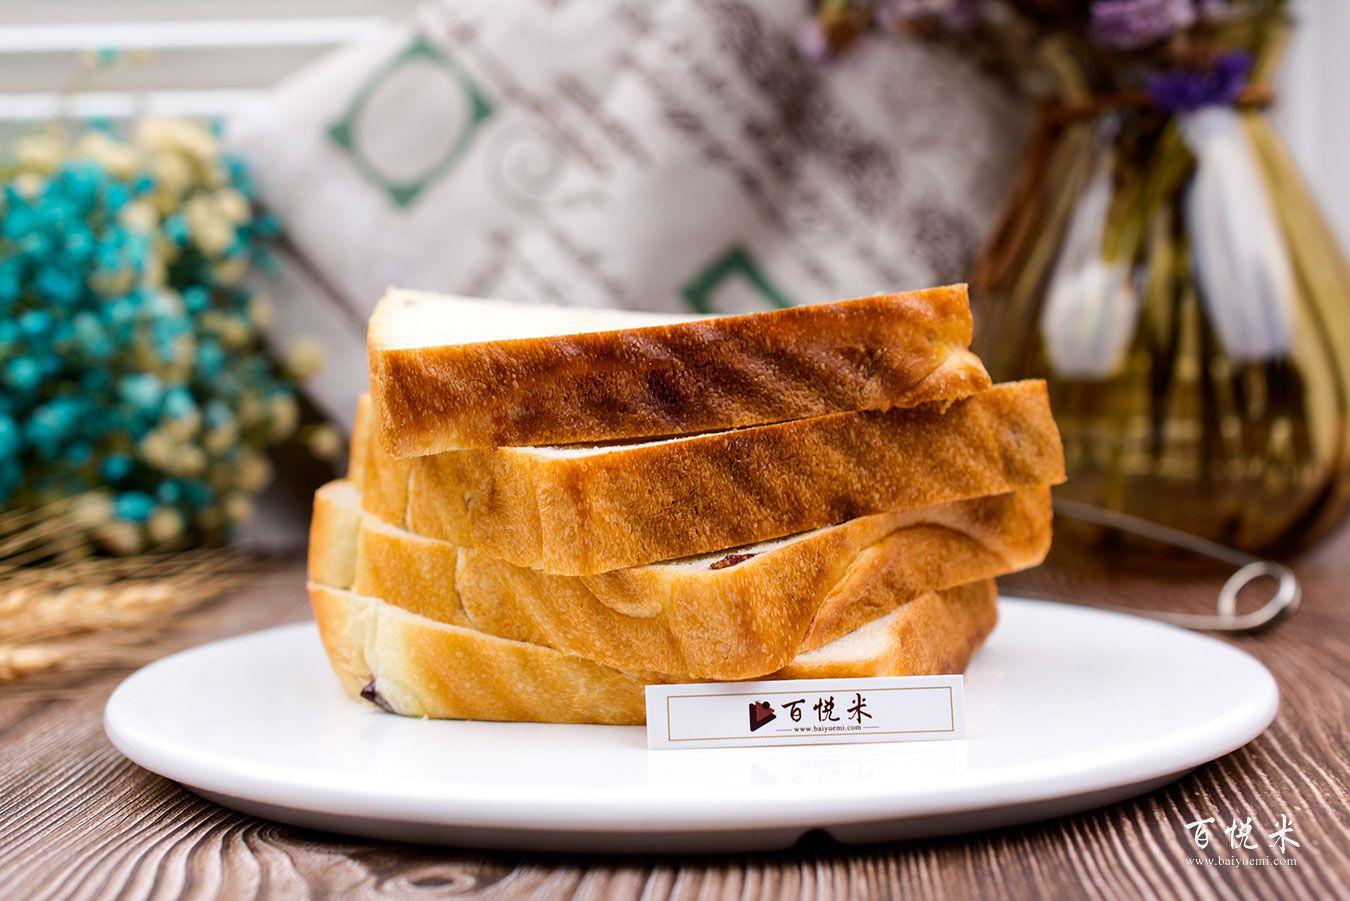 蔓越莓吐司面包高清图片大全【蛋糕图片】_526